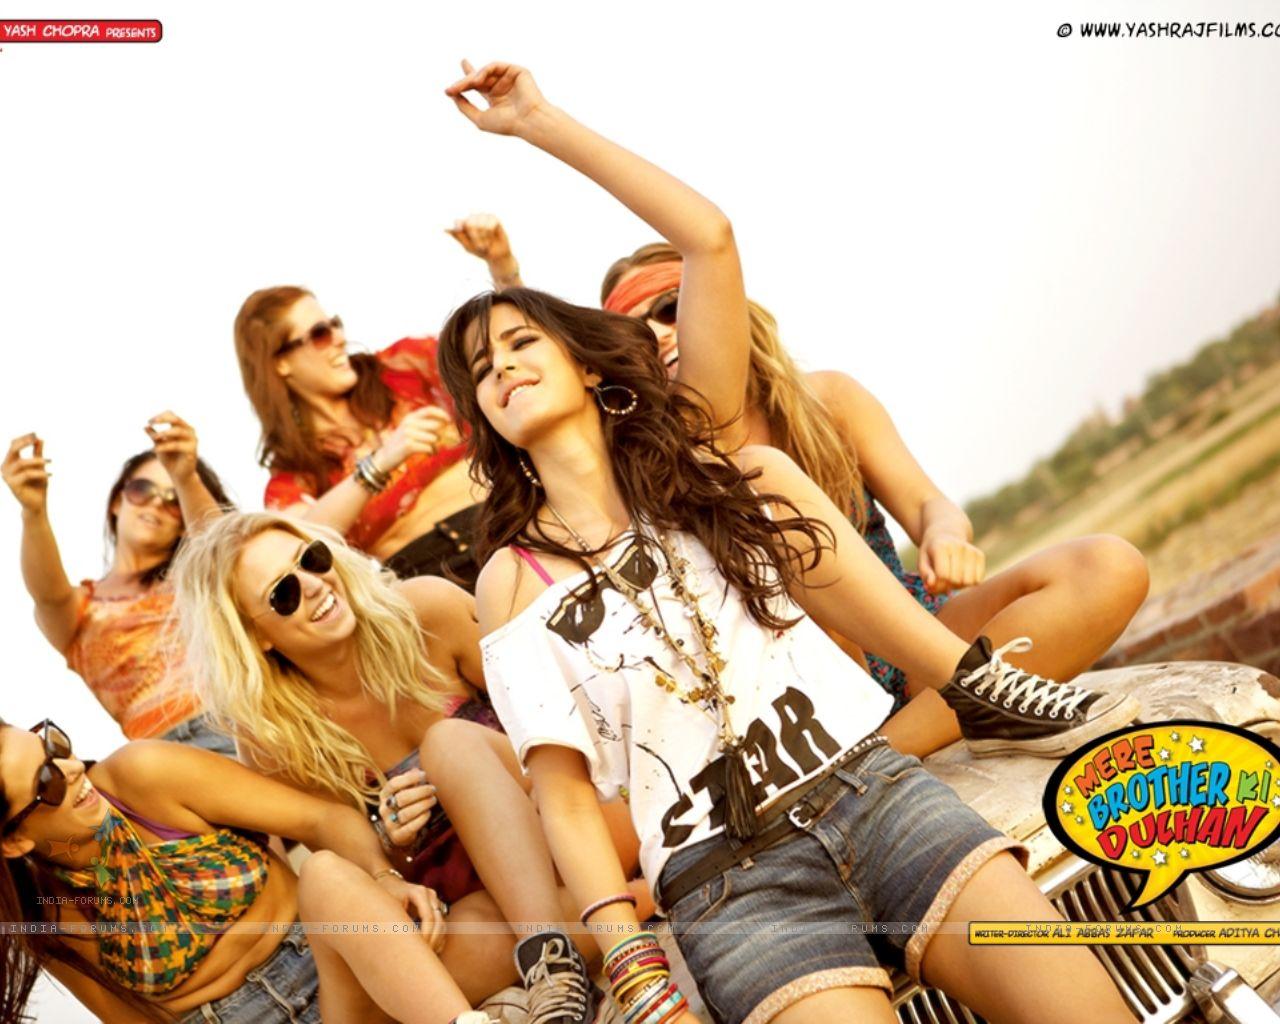 Isq Risk Rahat Fateh Ali Khan Mp3 Song